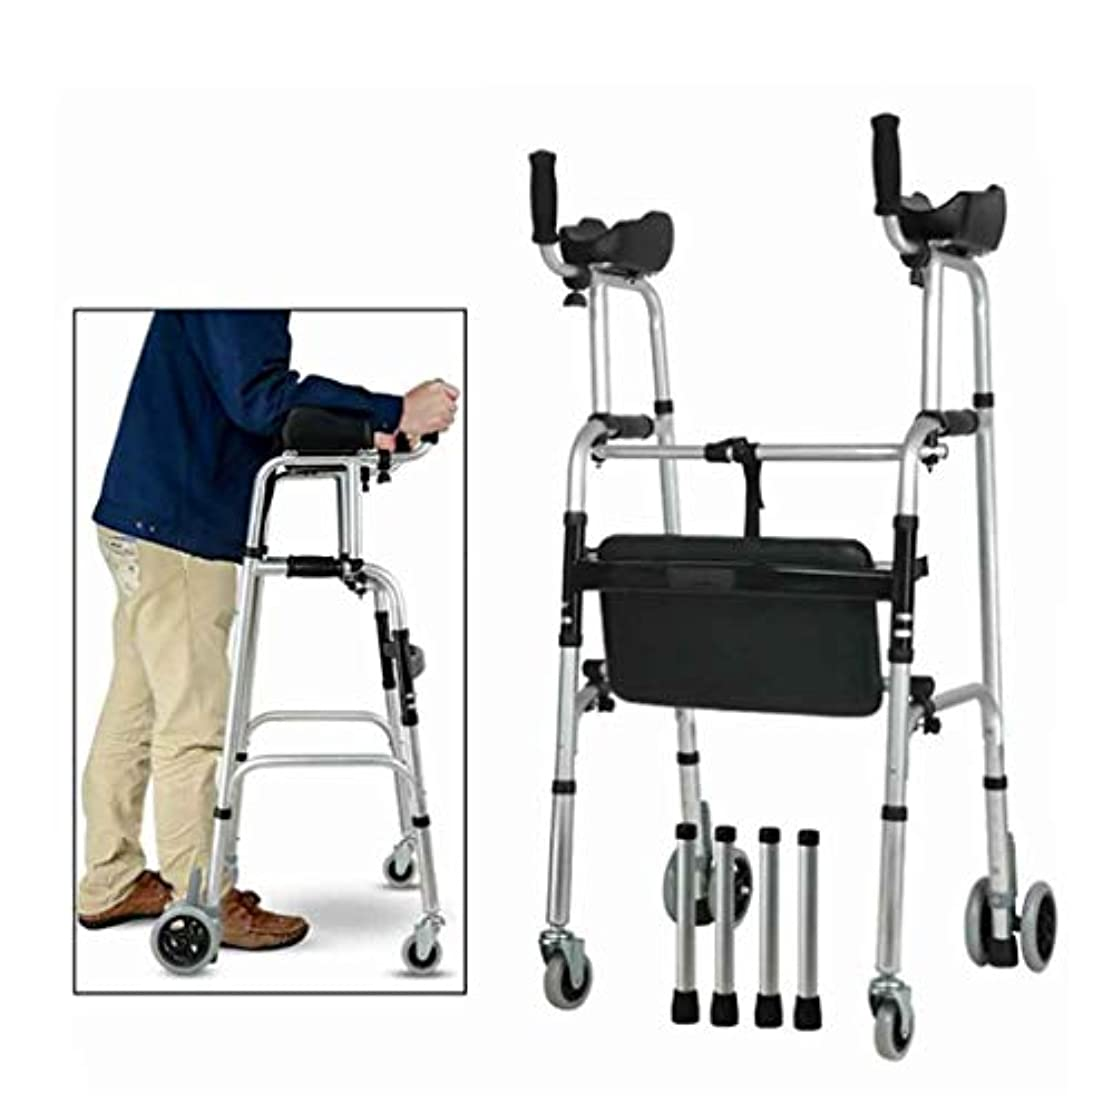 副線形ギャンブル高齢者用標準歩行器、折りたたみ式調整式歩行補助具付アームレ??スト付き、肢体不自由者用、可動式